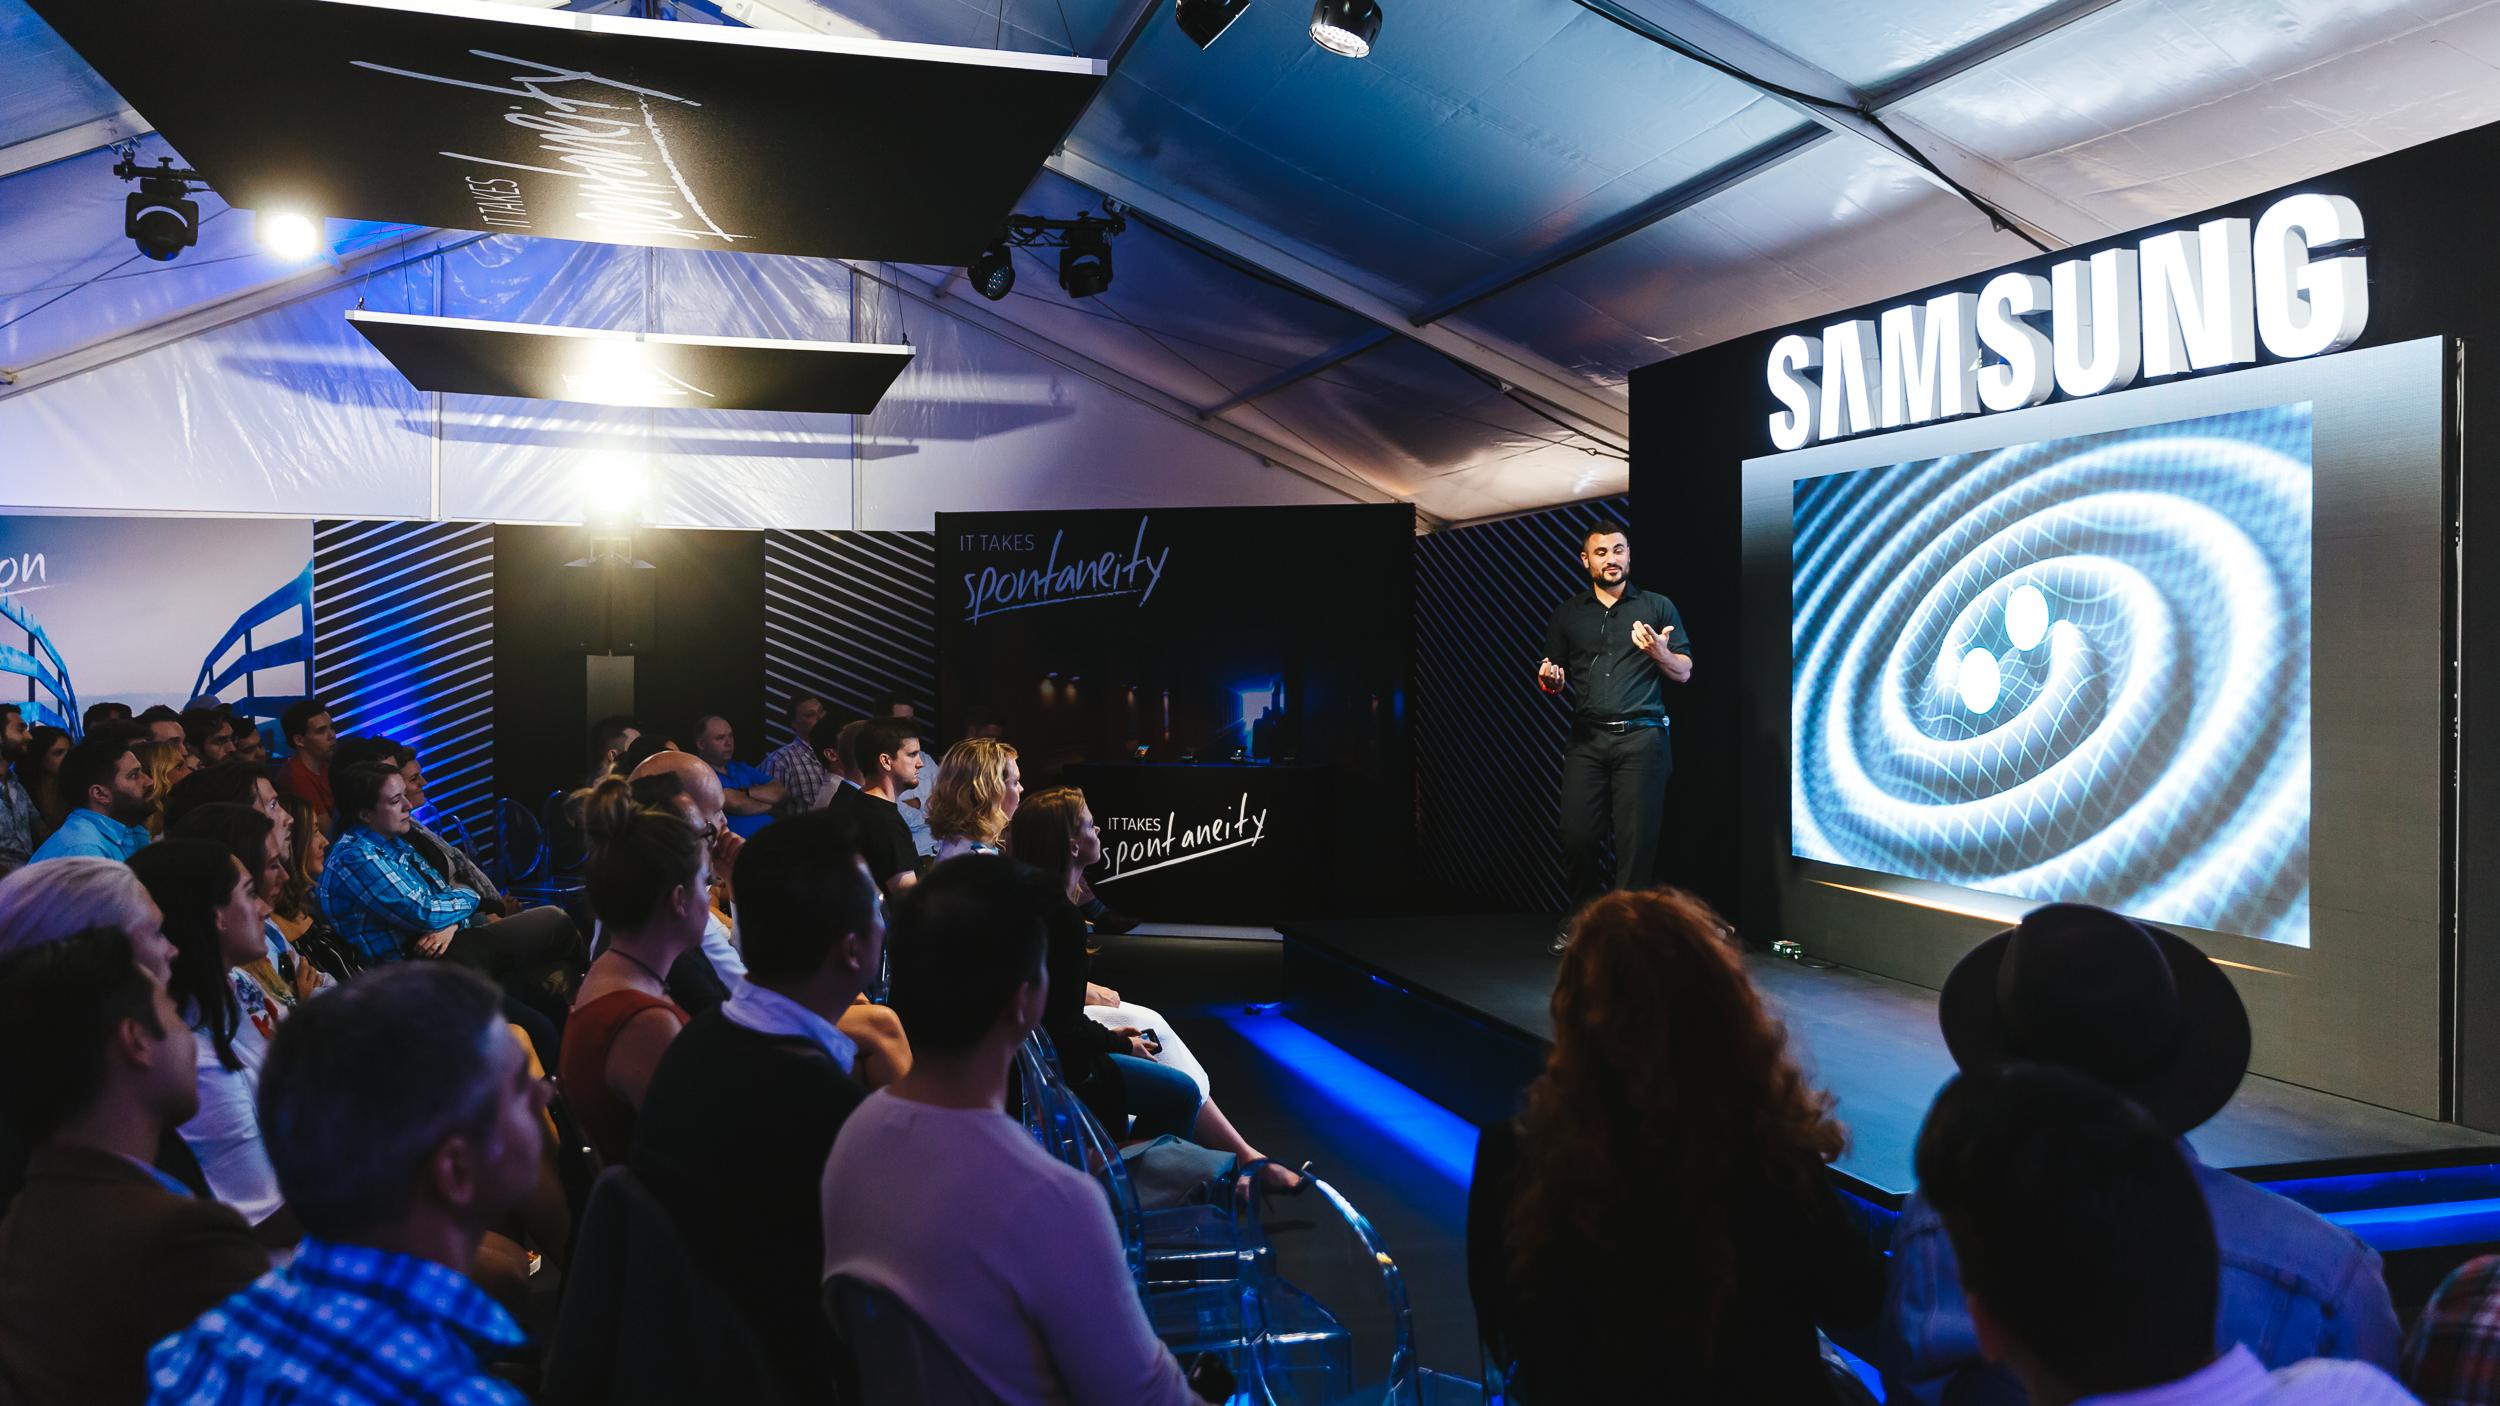 Samsung-Galaxy-Life-photo13.jpg